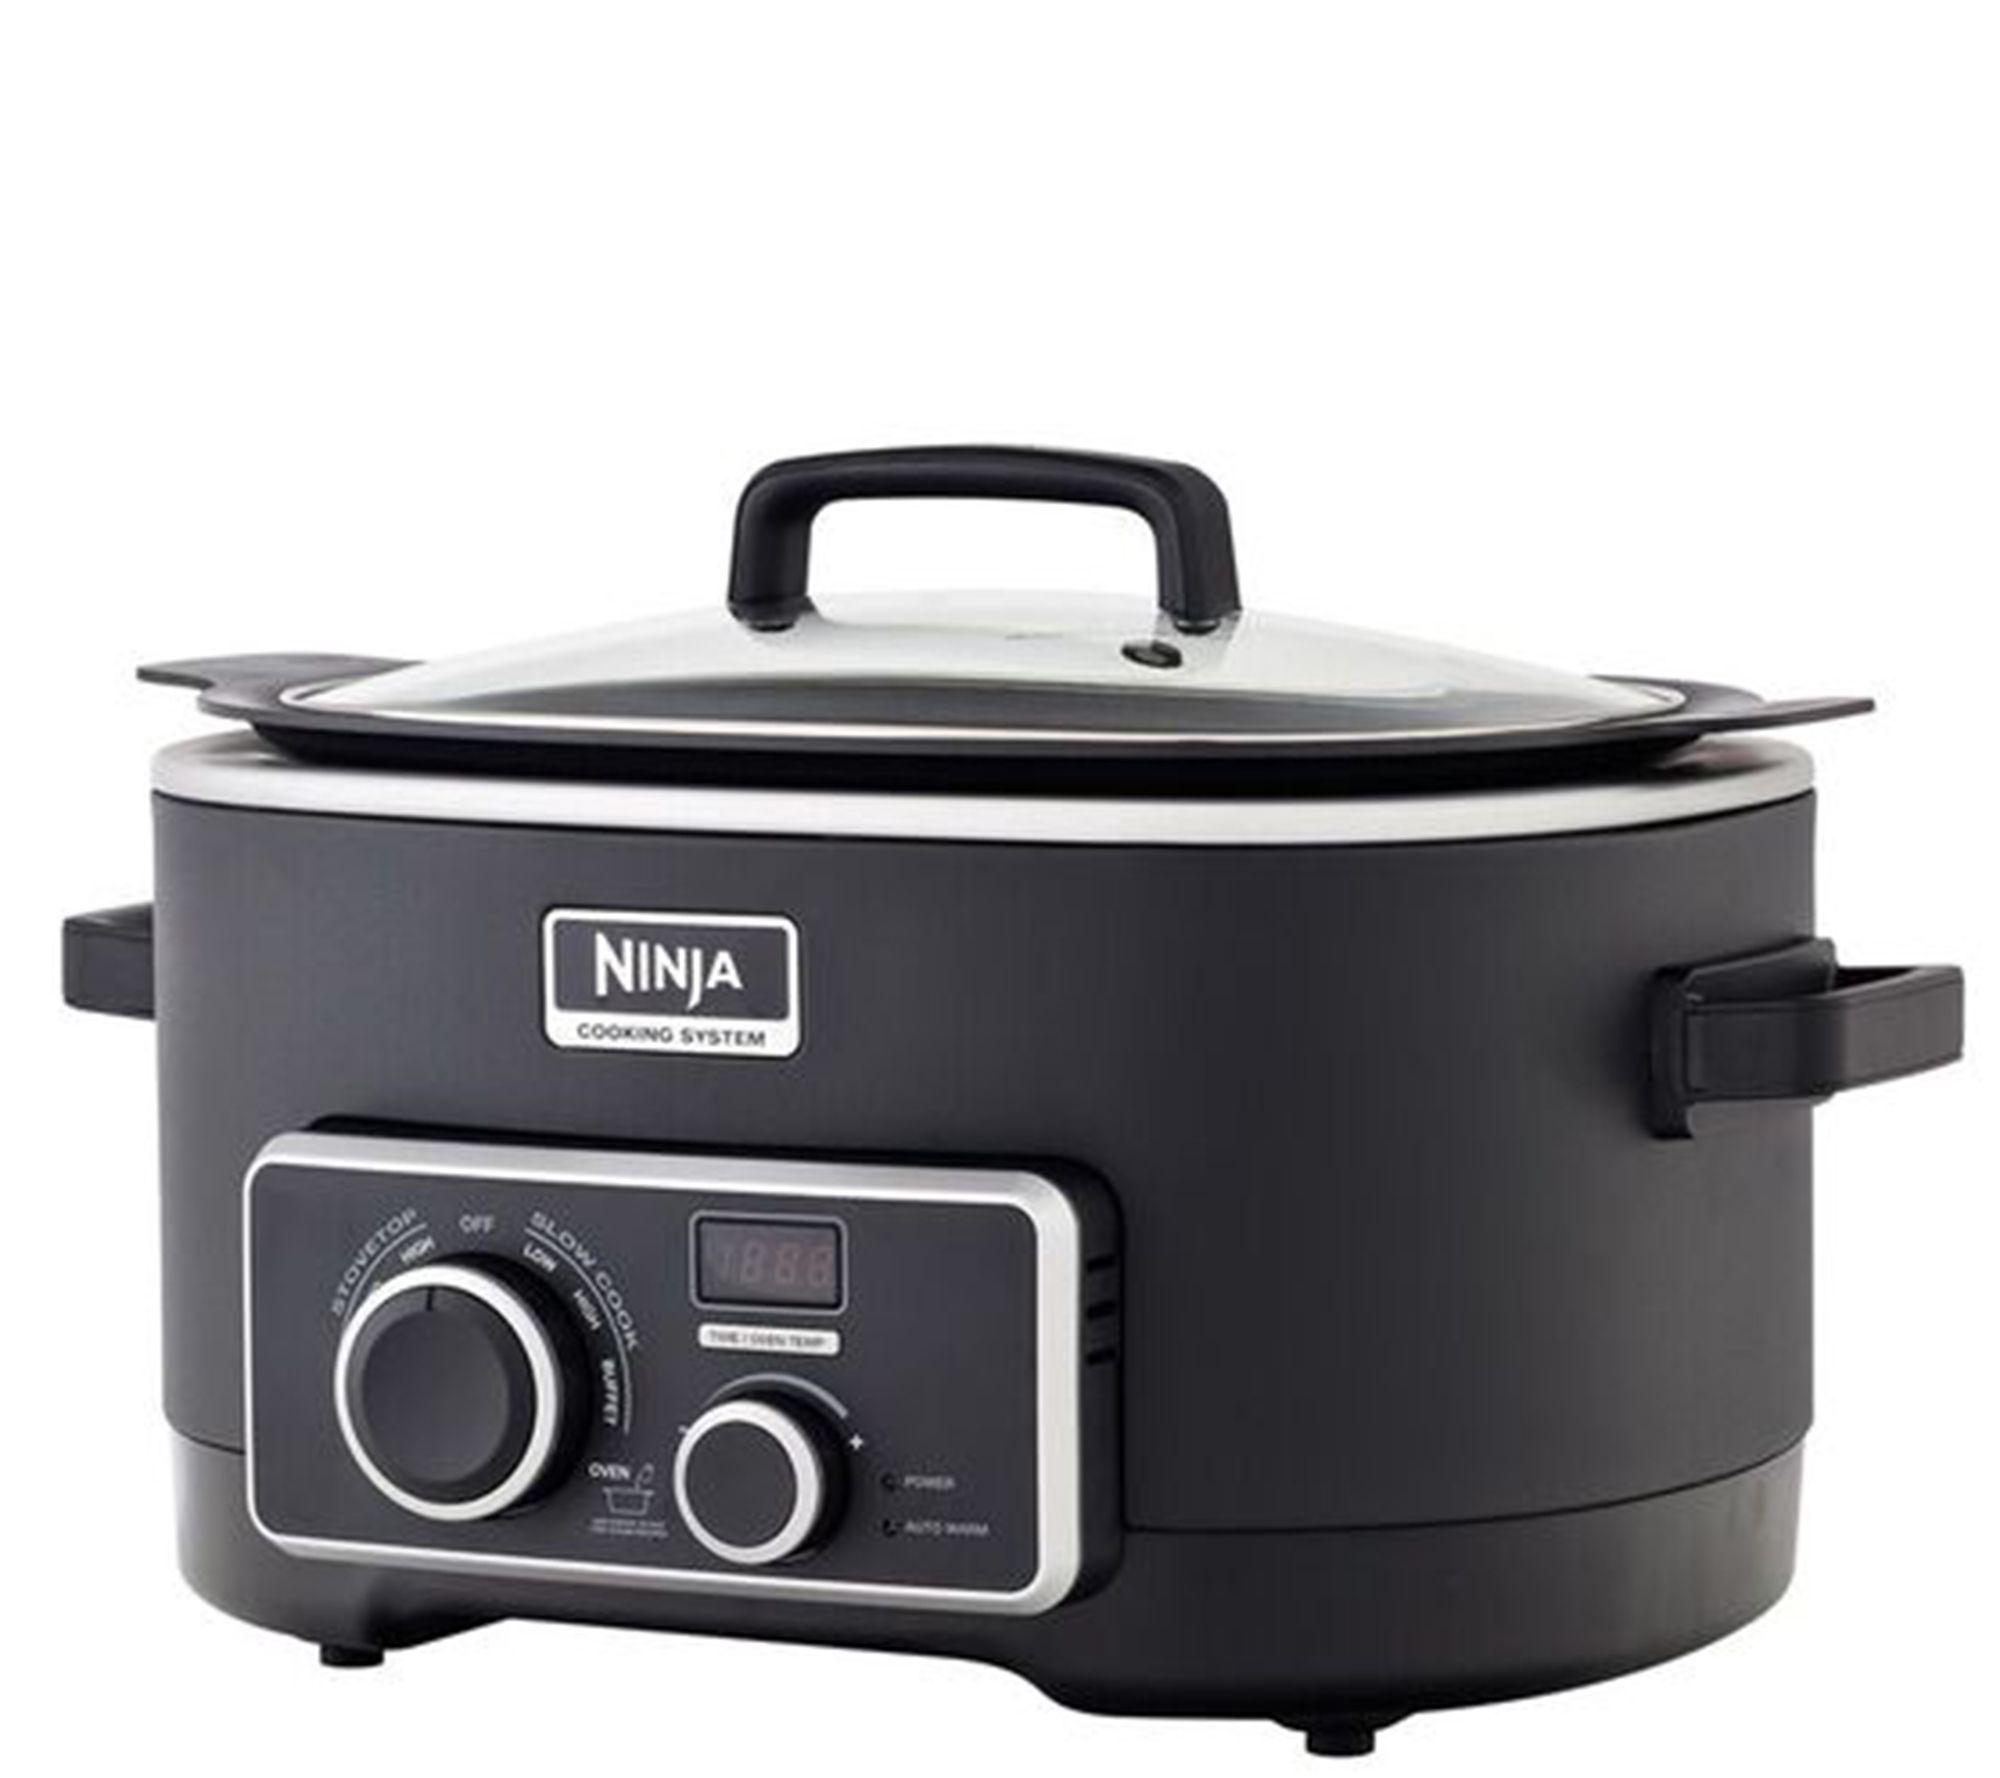 Ninja — Small Appliances — Kitchen & Food — QVC